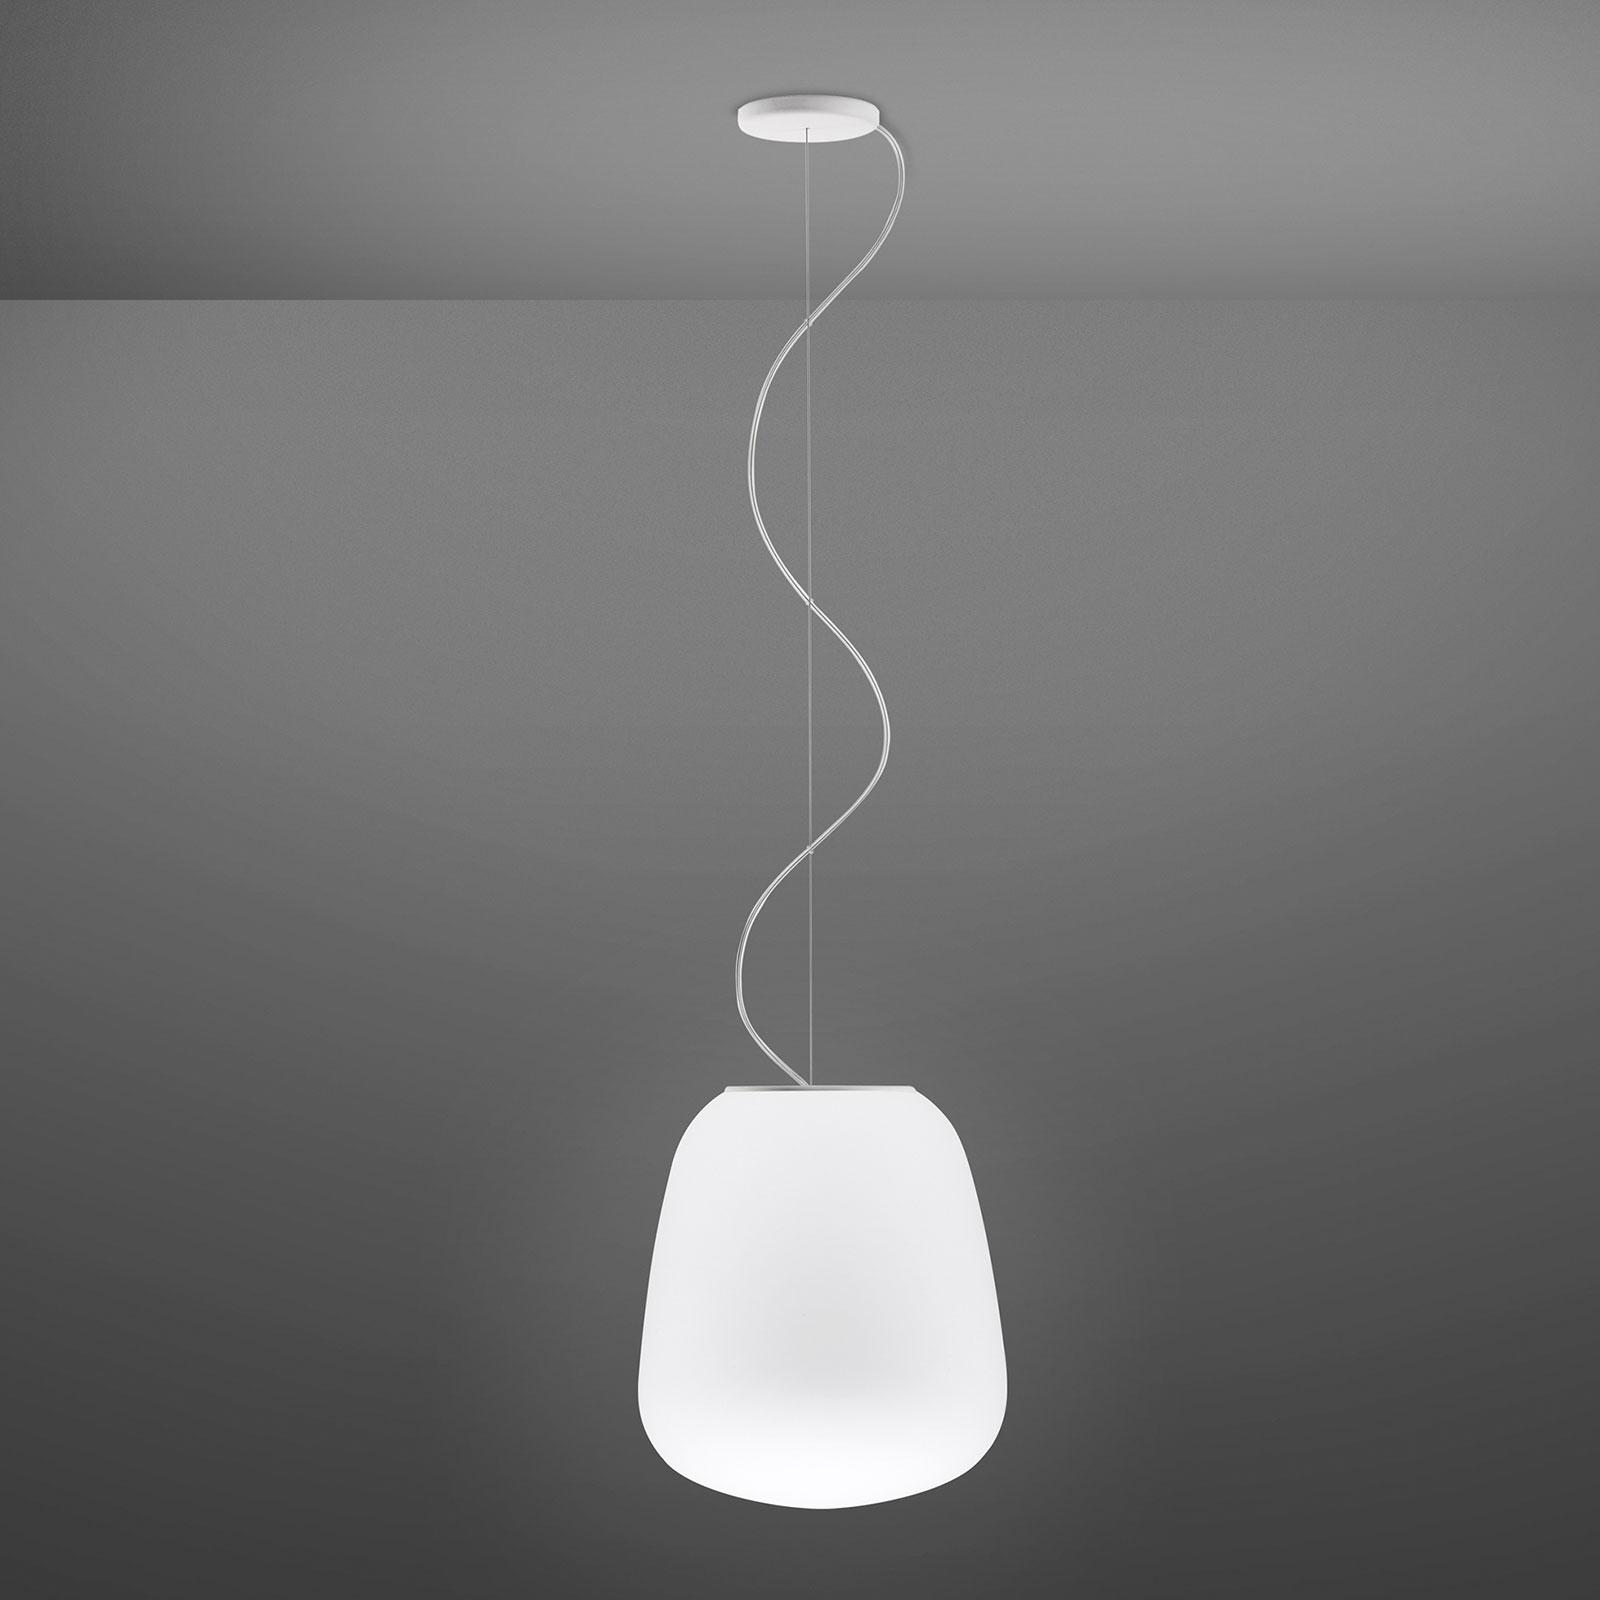 Fabbian Lumi Baka glazen hanglamp, Ø 33 cm